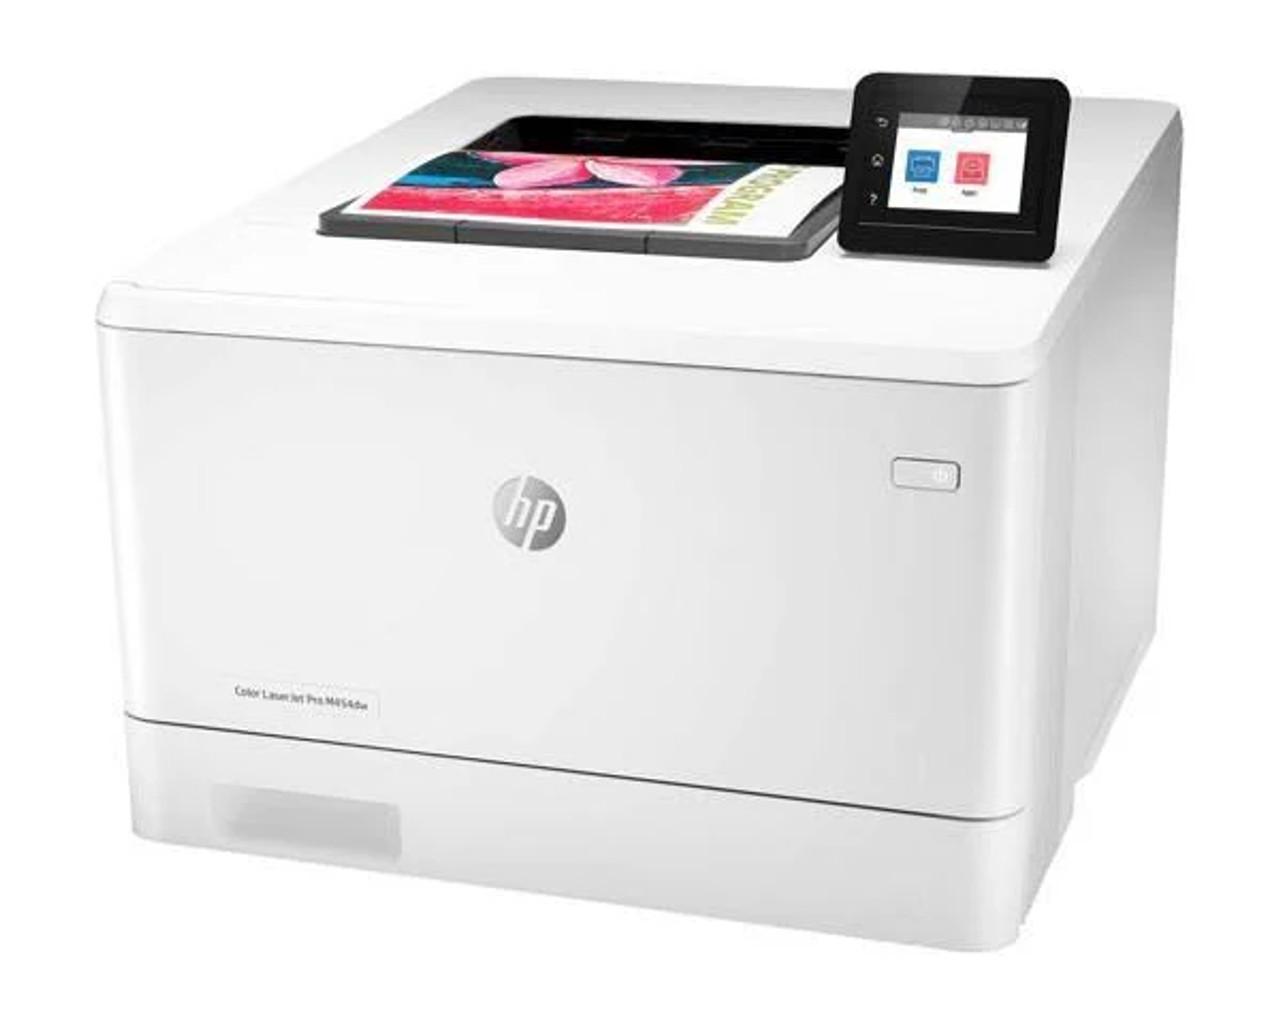 HP Color LaserJet Pro M454dw Laser Printer